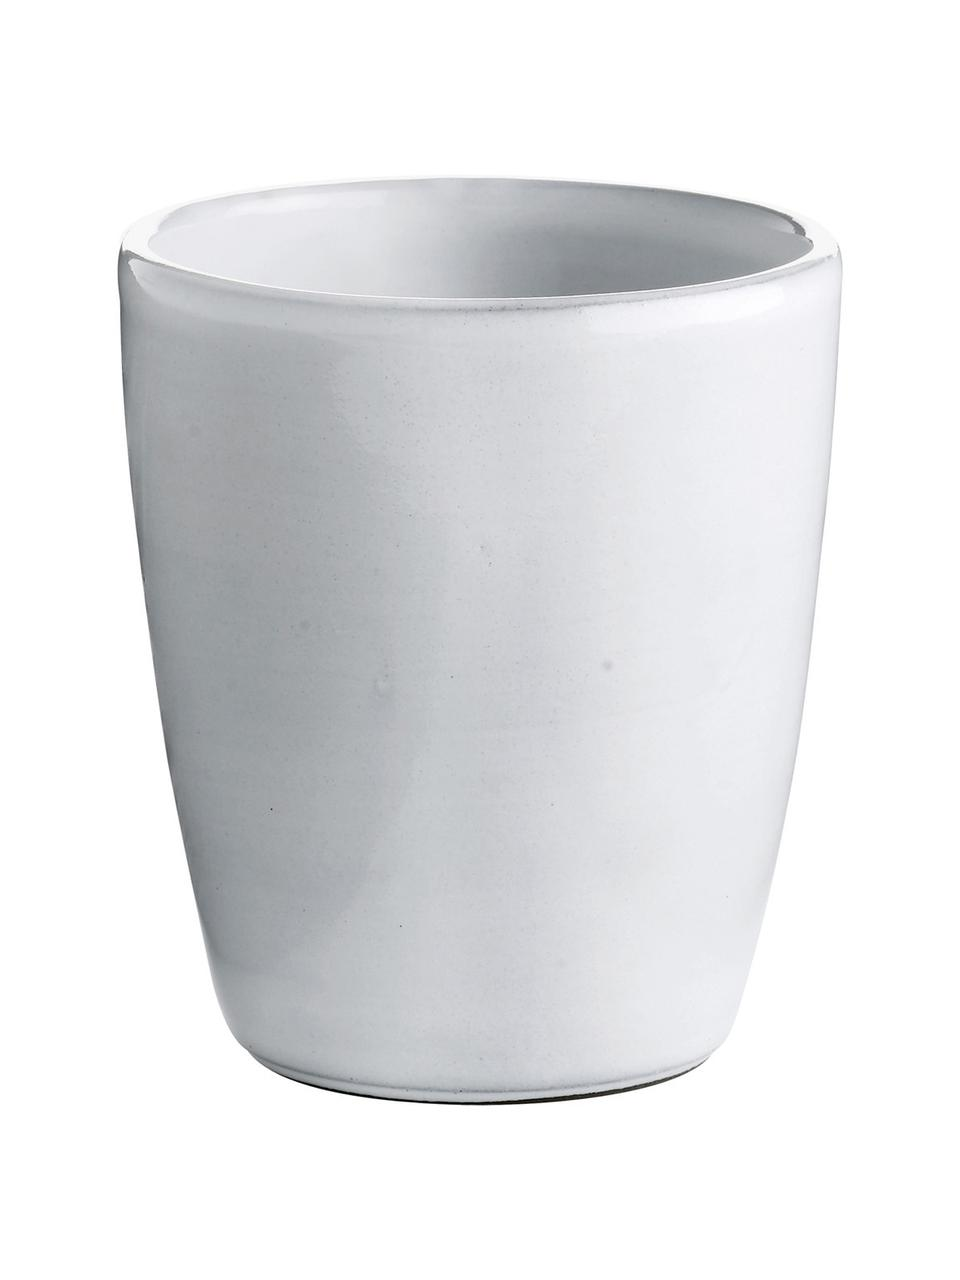 Kubek z ceramiki Haze, 2 szt., Ceramika szkliwona, Biały, szary, Ø 10 x W 11 cm